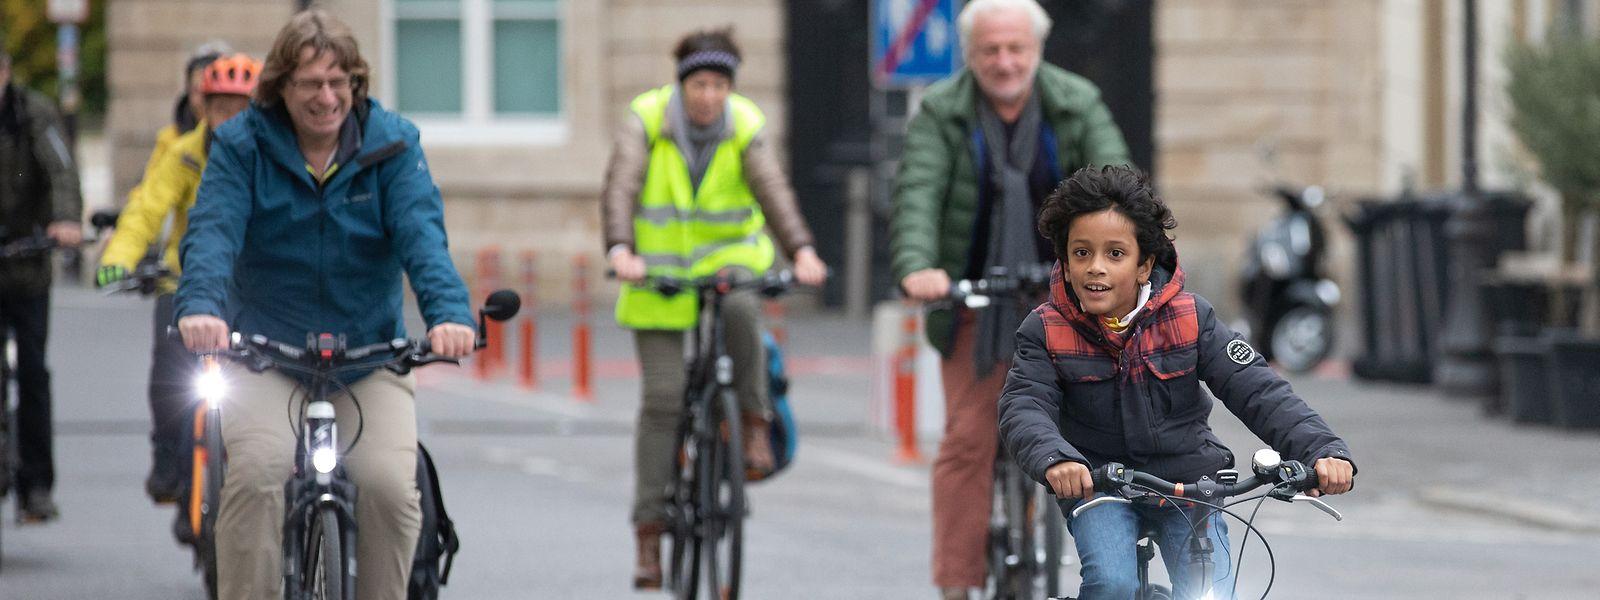 Am 20. Oktober hatten sich 40 Radfahrer auf Initiative von ProVelo zwei Stunden lang die hauptstädtische Rue du Fossé angeeignet, um gegen die von den Stadtverantwortlichen eingeführte Zone de Rencontre zu protestieren. Sie forderten, dass der Gruef Fußgängern und Radfahrern vorbehalten bliebt.